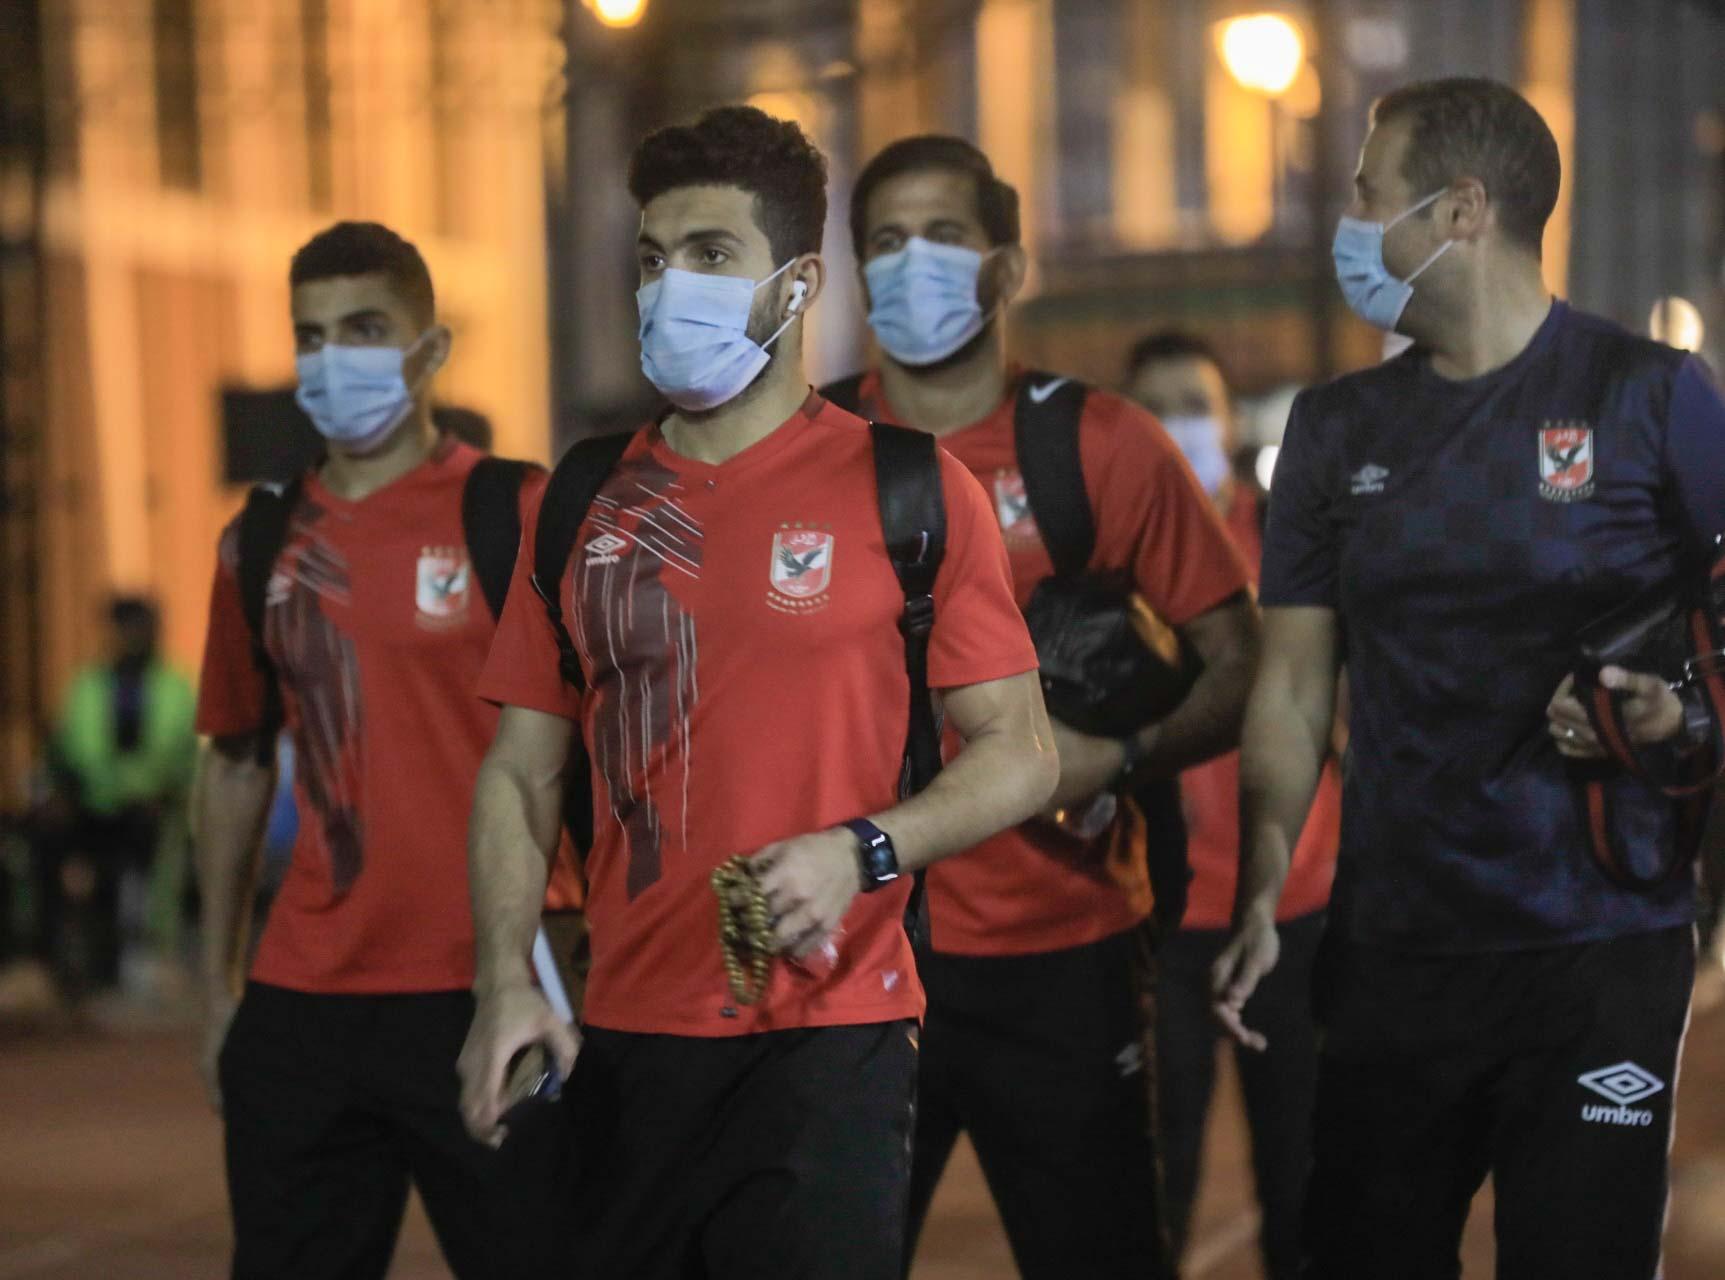 الدوري الممتاز| الأهلي يصل إلى استاد الإسكندرية استعدادًا لمباراة الاتحاد